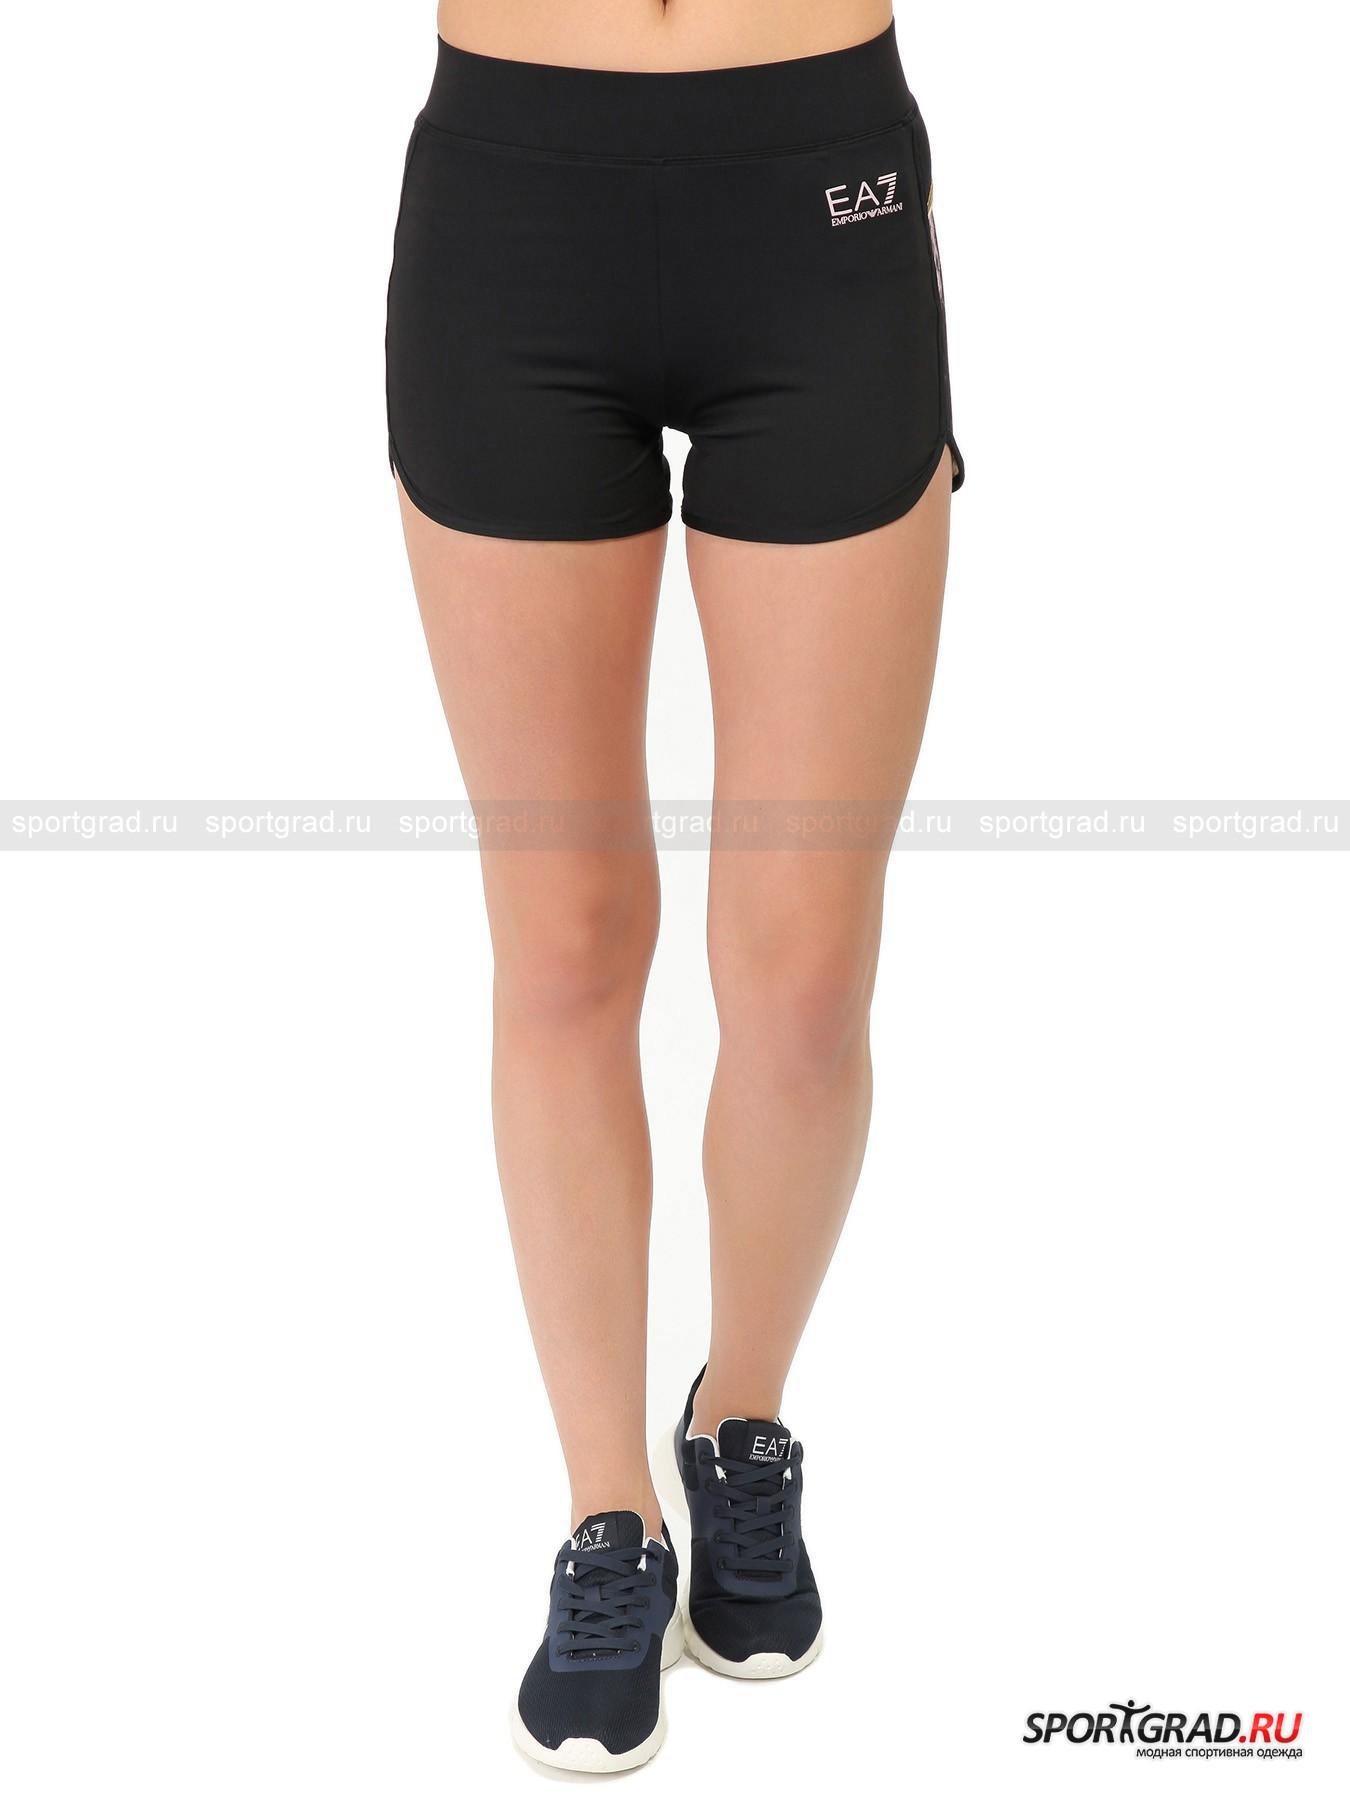 ����� ������� ��� ���������� Ventus7 Shorts EA7 Emporio Armani